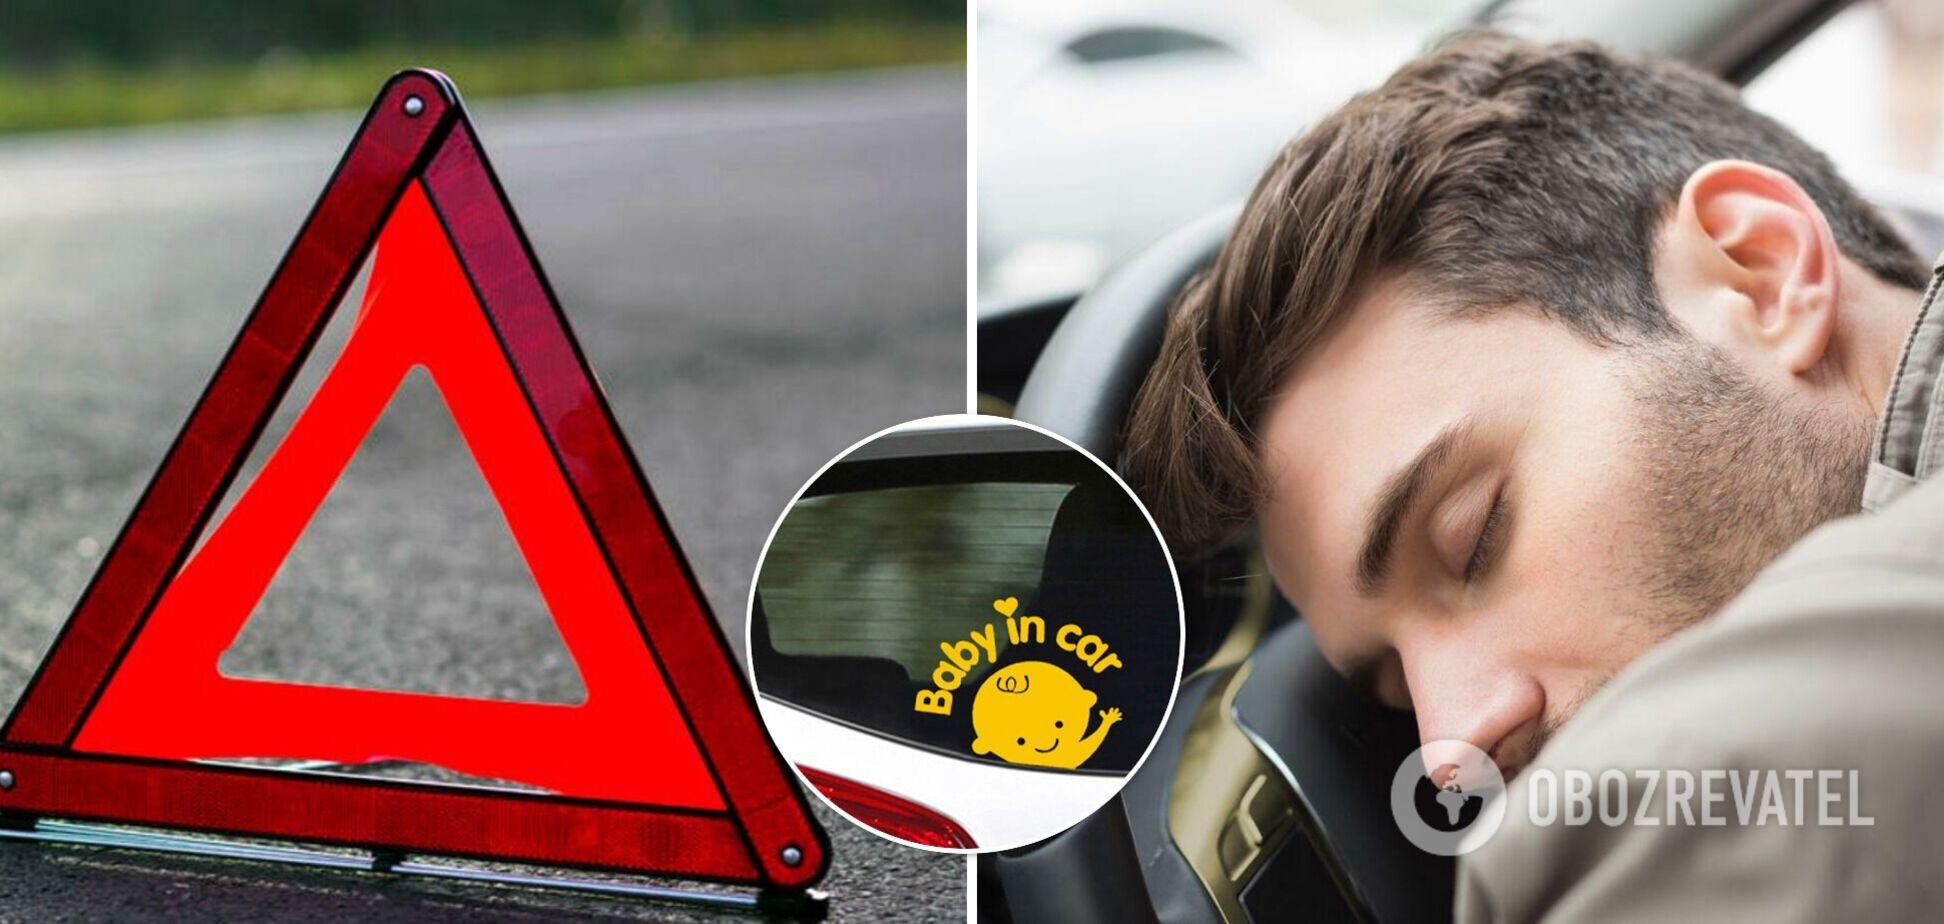 На Київщині водій заснув за кермом і зіткнувся з патрульним авто: постраждала дитина. Фото